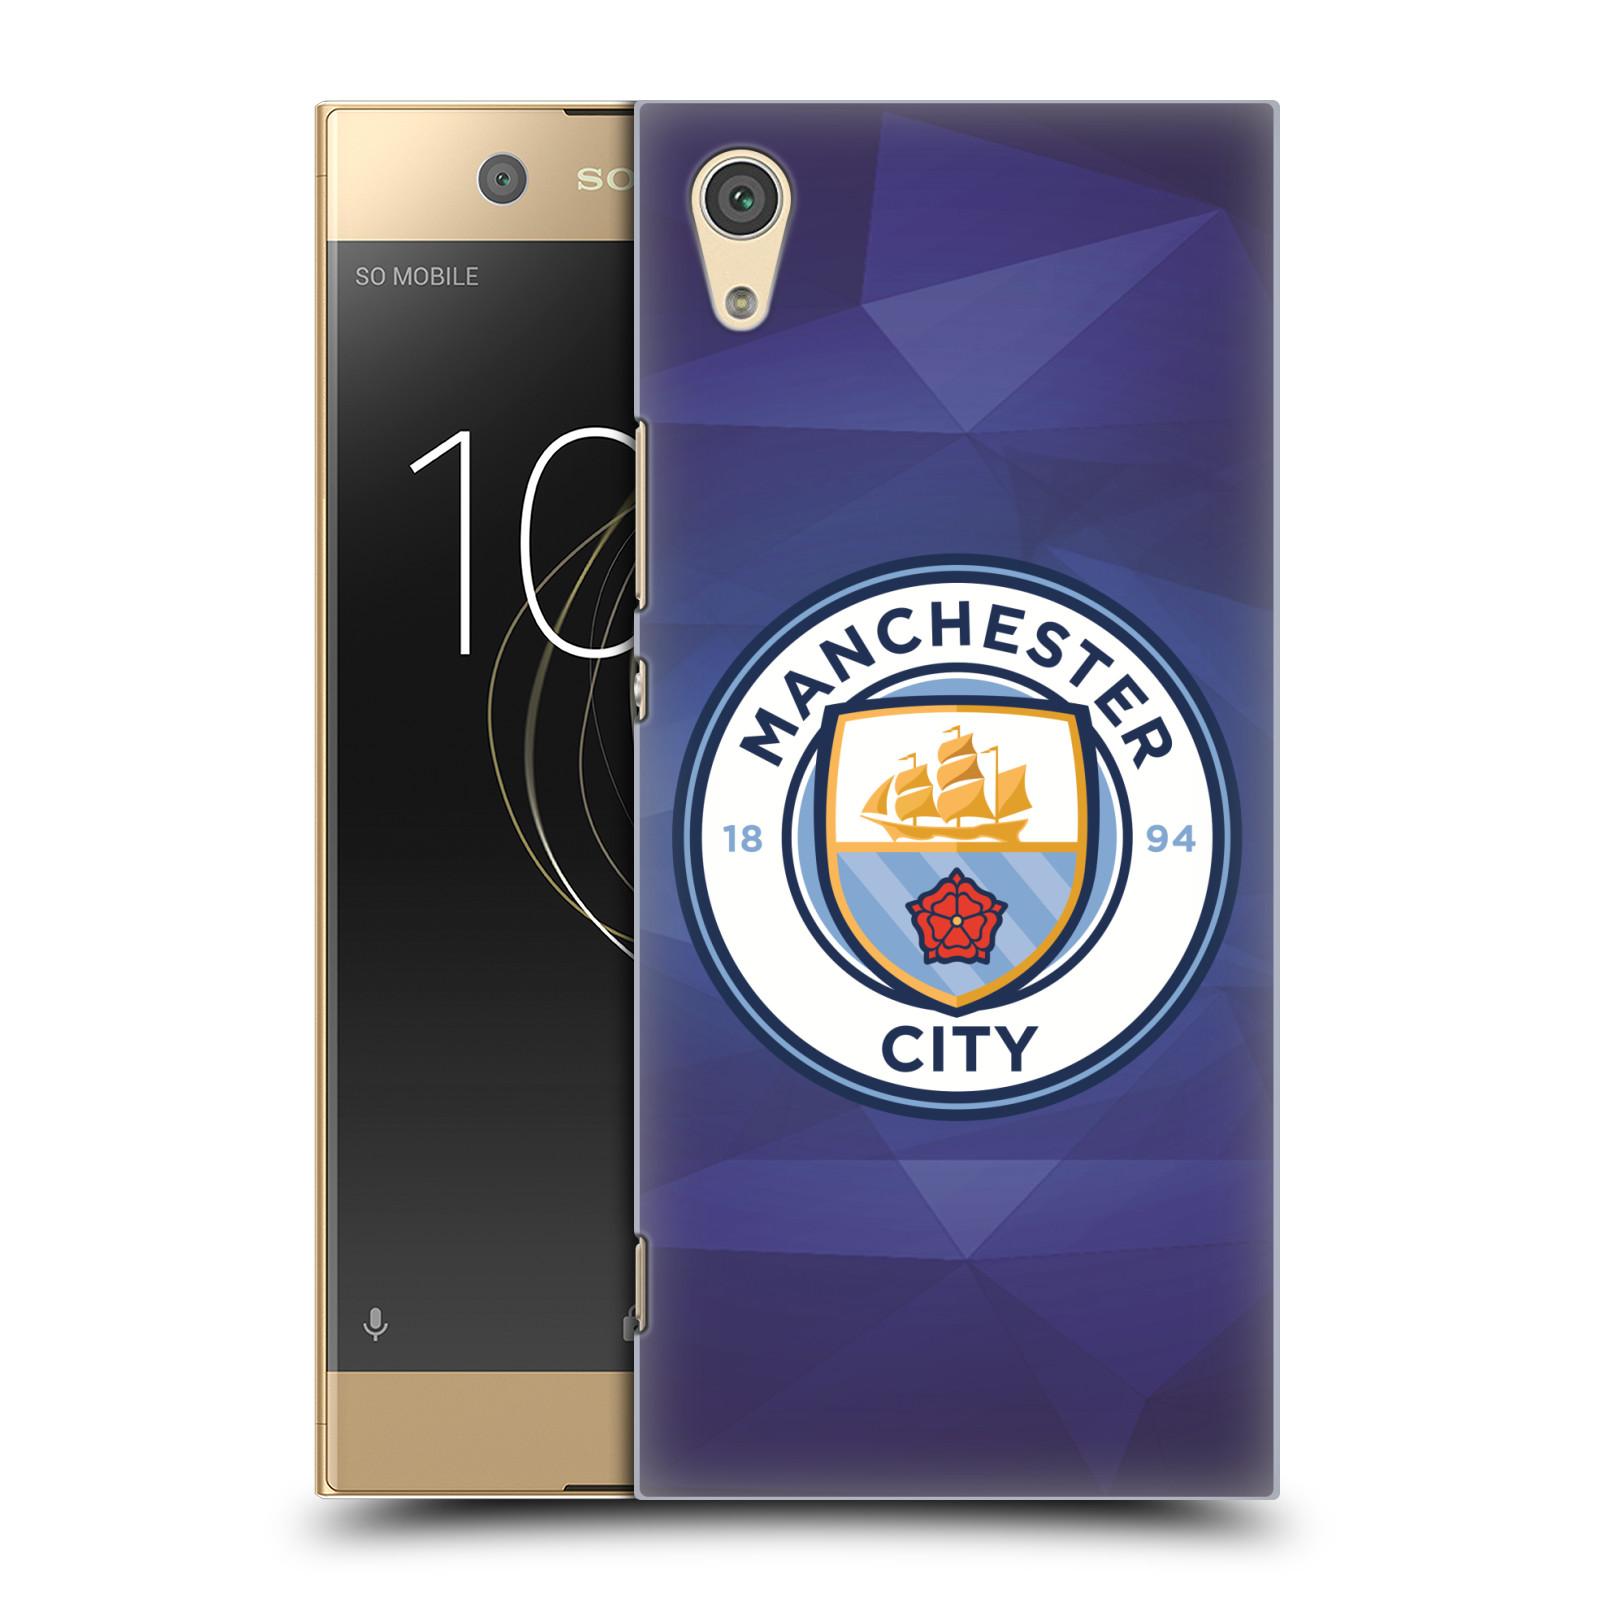 Plastové pouzdro na mobil Sony Xperia XA1 - Head Case - Manchester City FC - Modré nové logo (Plastový kryt či obal na mobilní telefon Sony Xperia XA1 G3121 s motivem Manchester City FC - Modré nové logo)